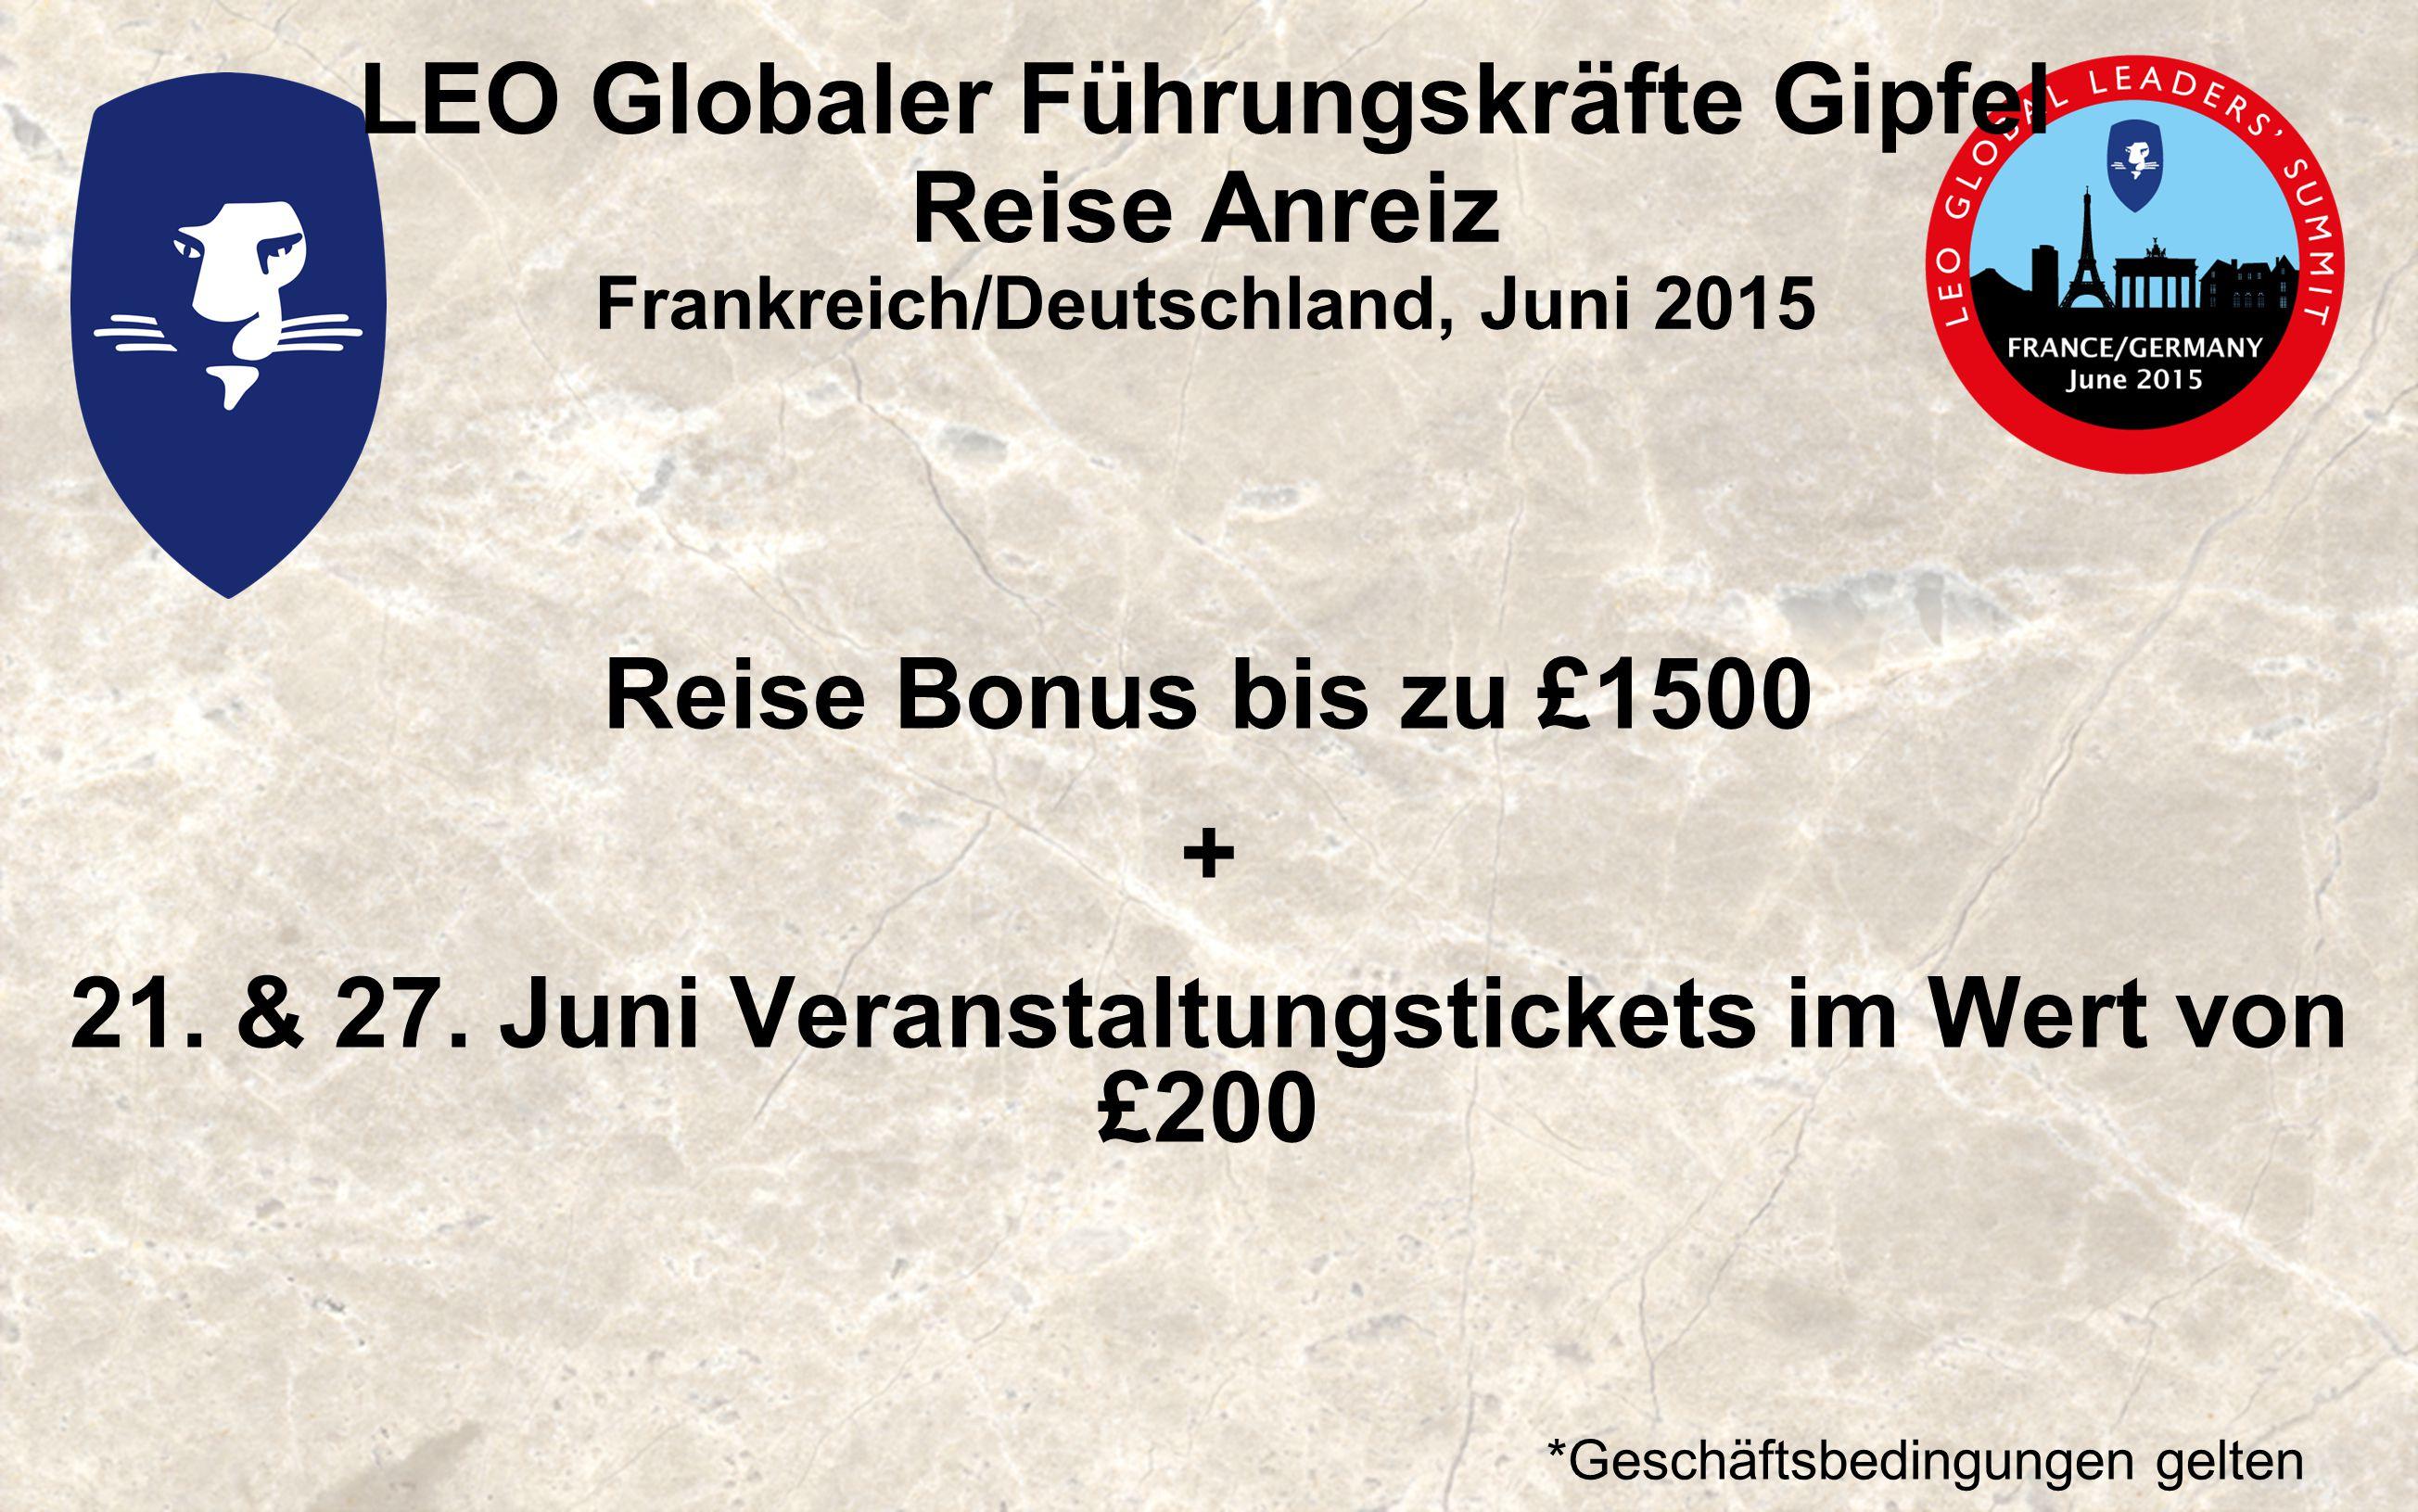 LEO Globaler Führungskräfte Gipfel Reise Anreiz Frankreich/Deutschland, Juni 2015 Reise Bonus bis zu £1500 + 21.